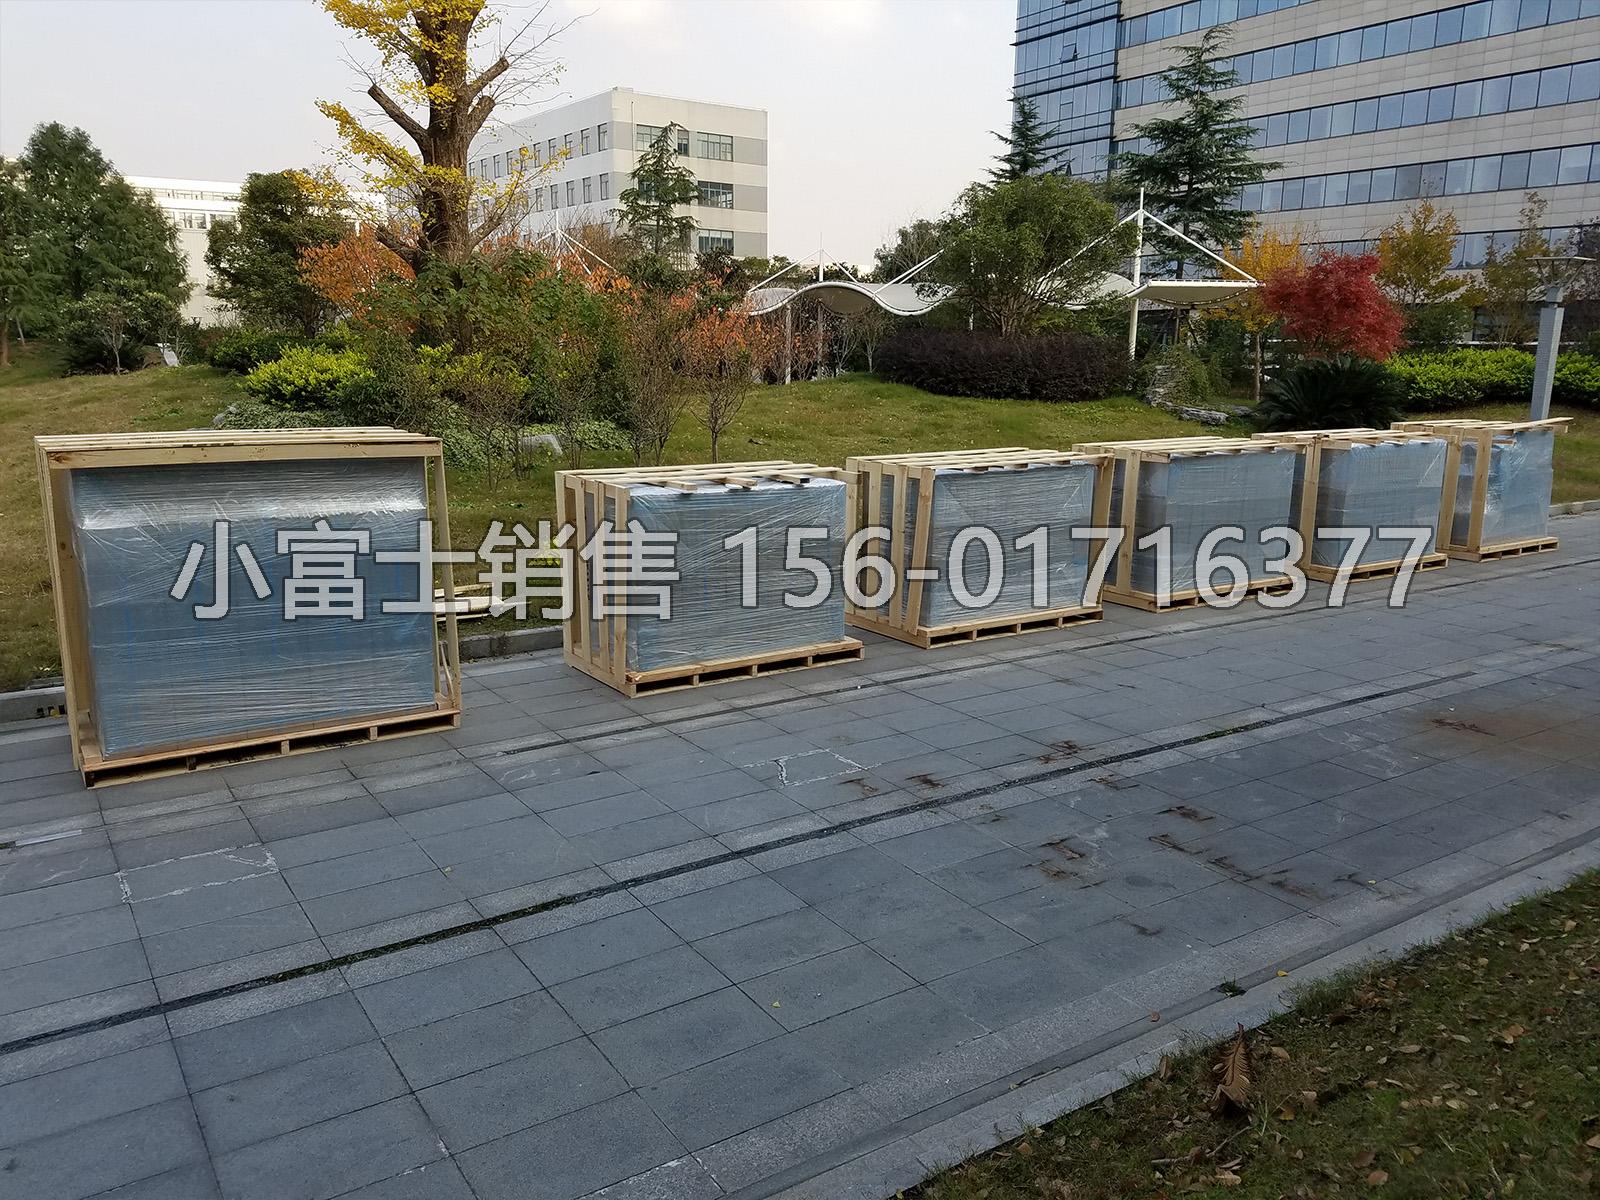 富士皇家 小富士磨豆机(R-220)和 R-440到货通知 (2017年12月1日)